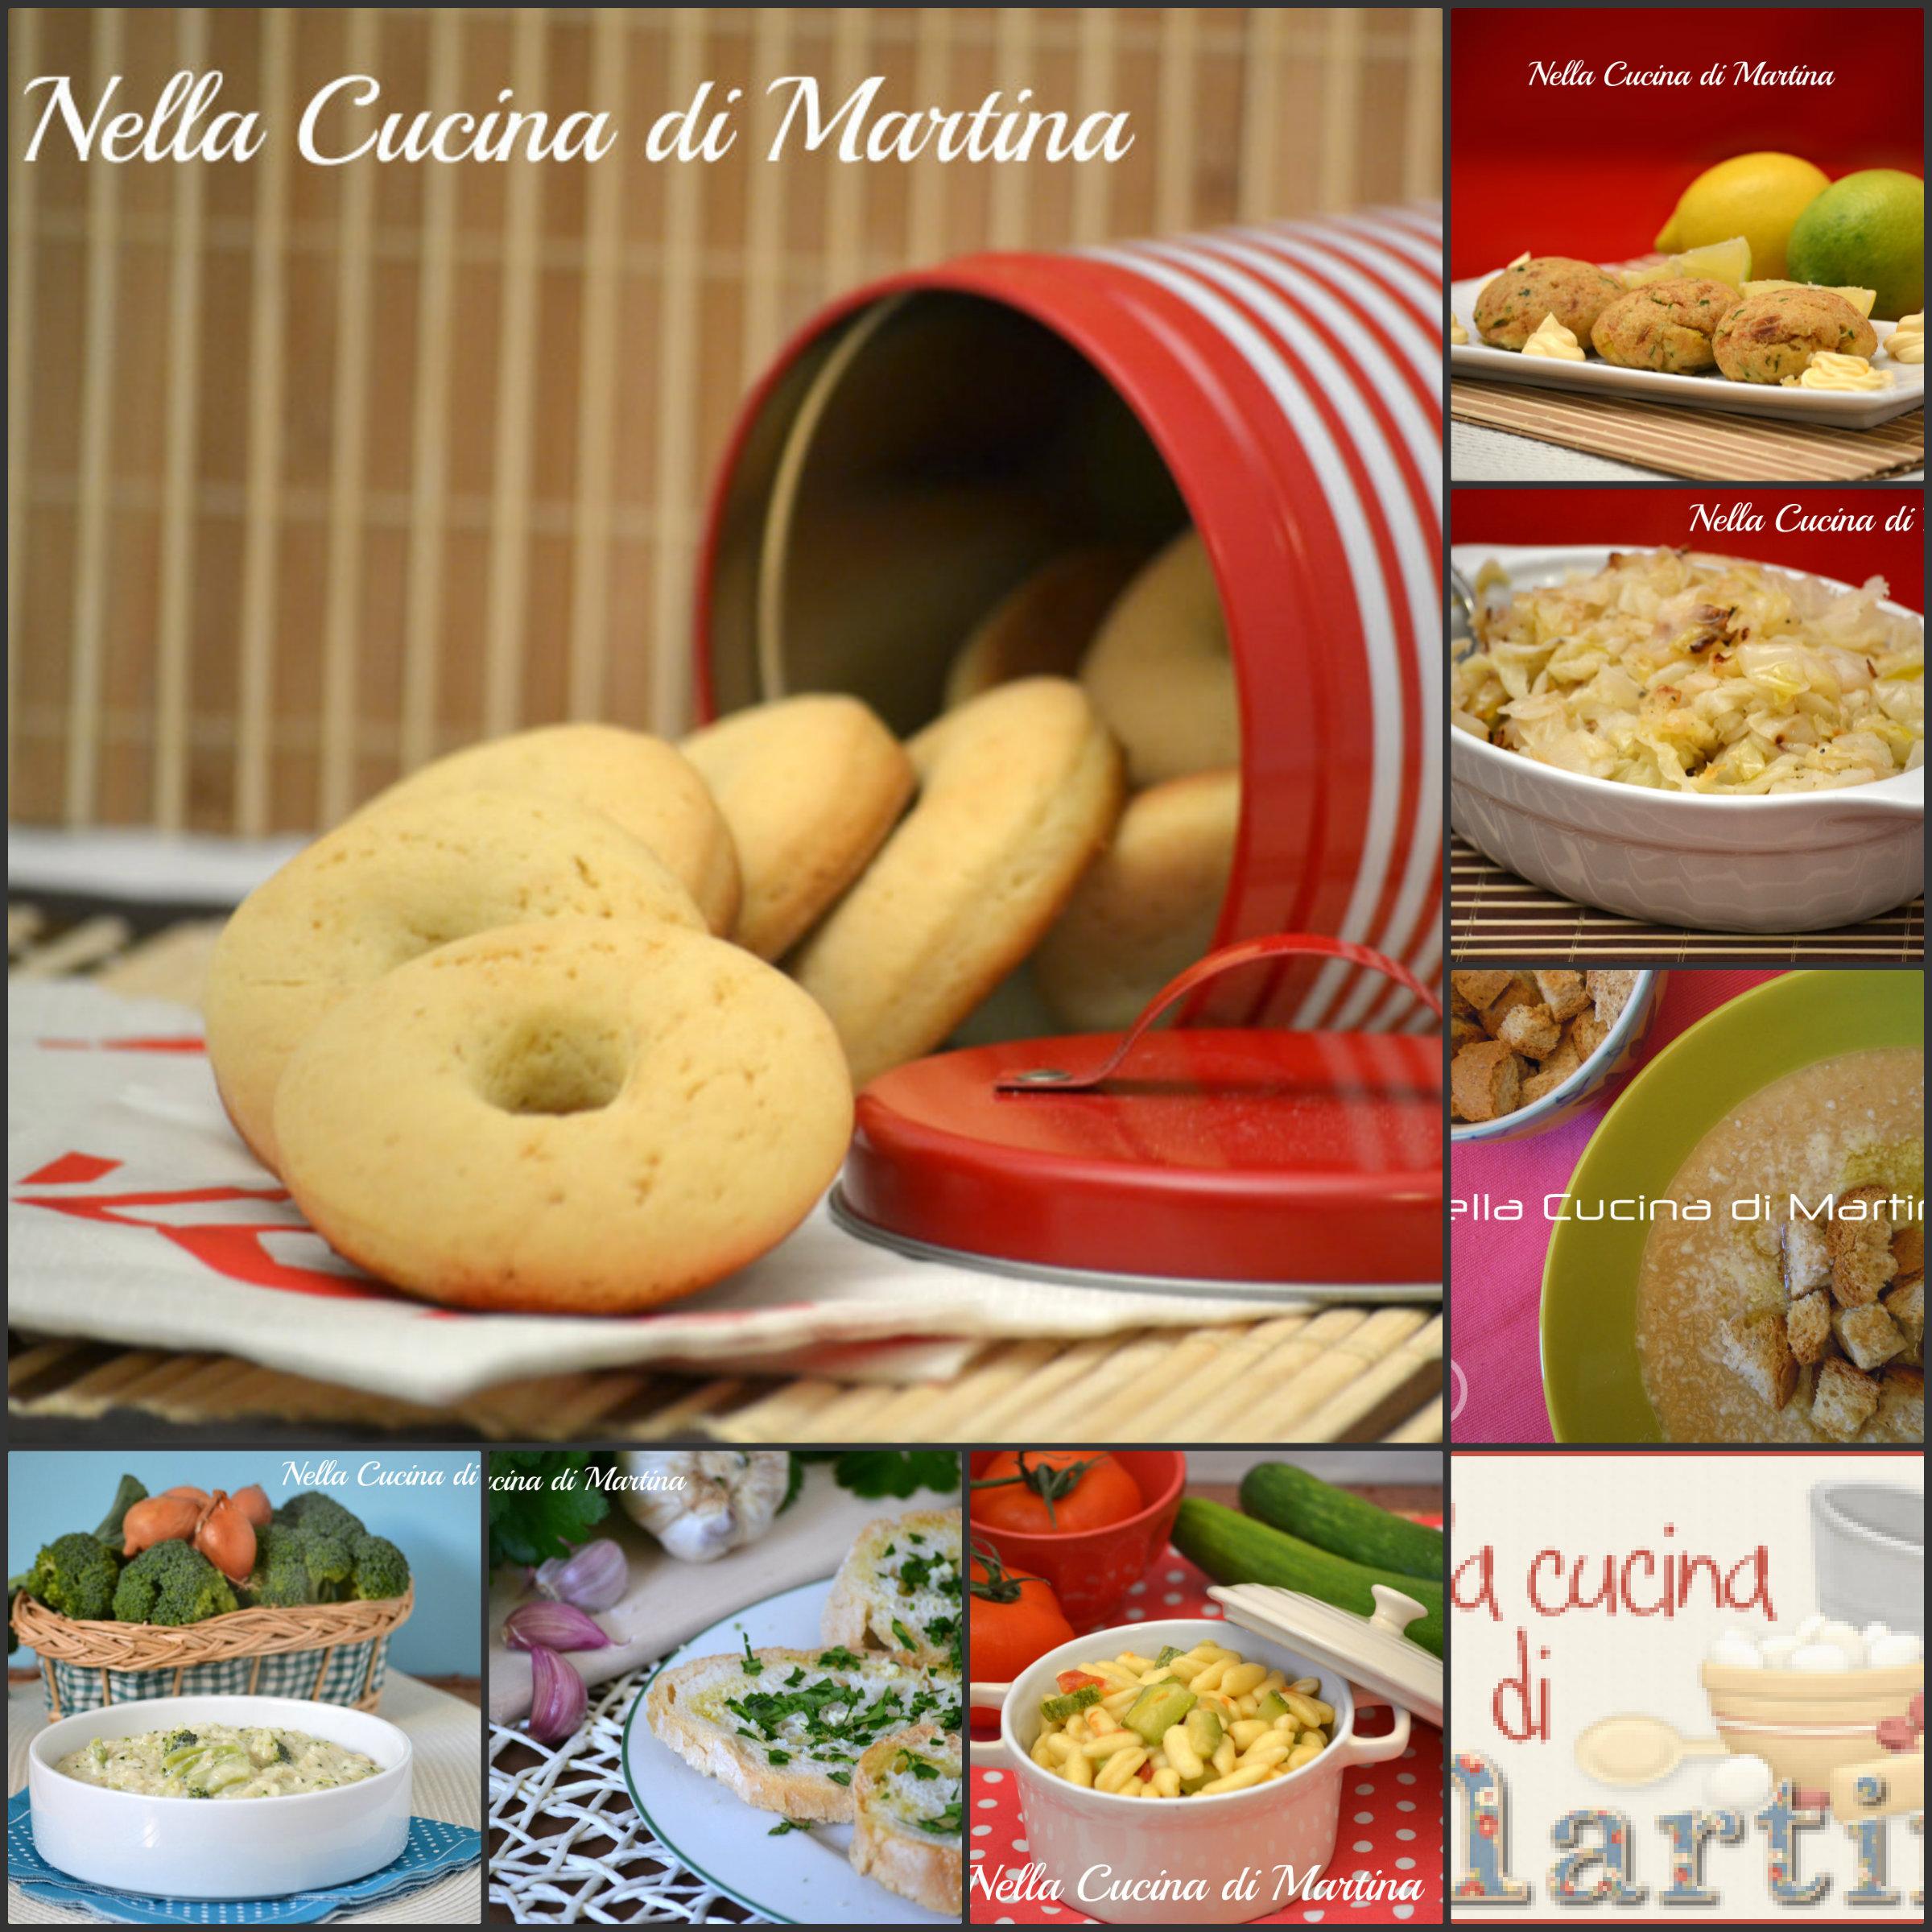 Una Giornata Senza Carne Idee In Pdf Da Scaricare #7F2814 2400 2400 Programma Per Creare Ricette Di Cucina